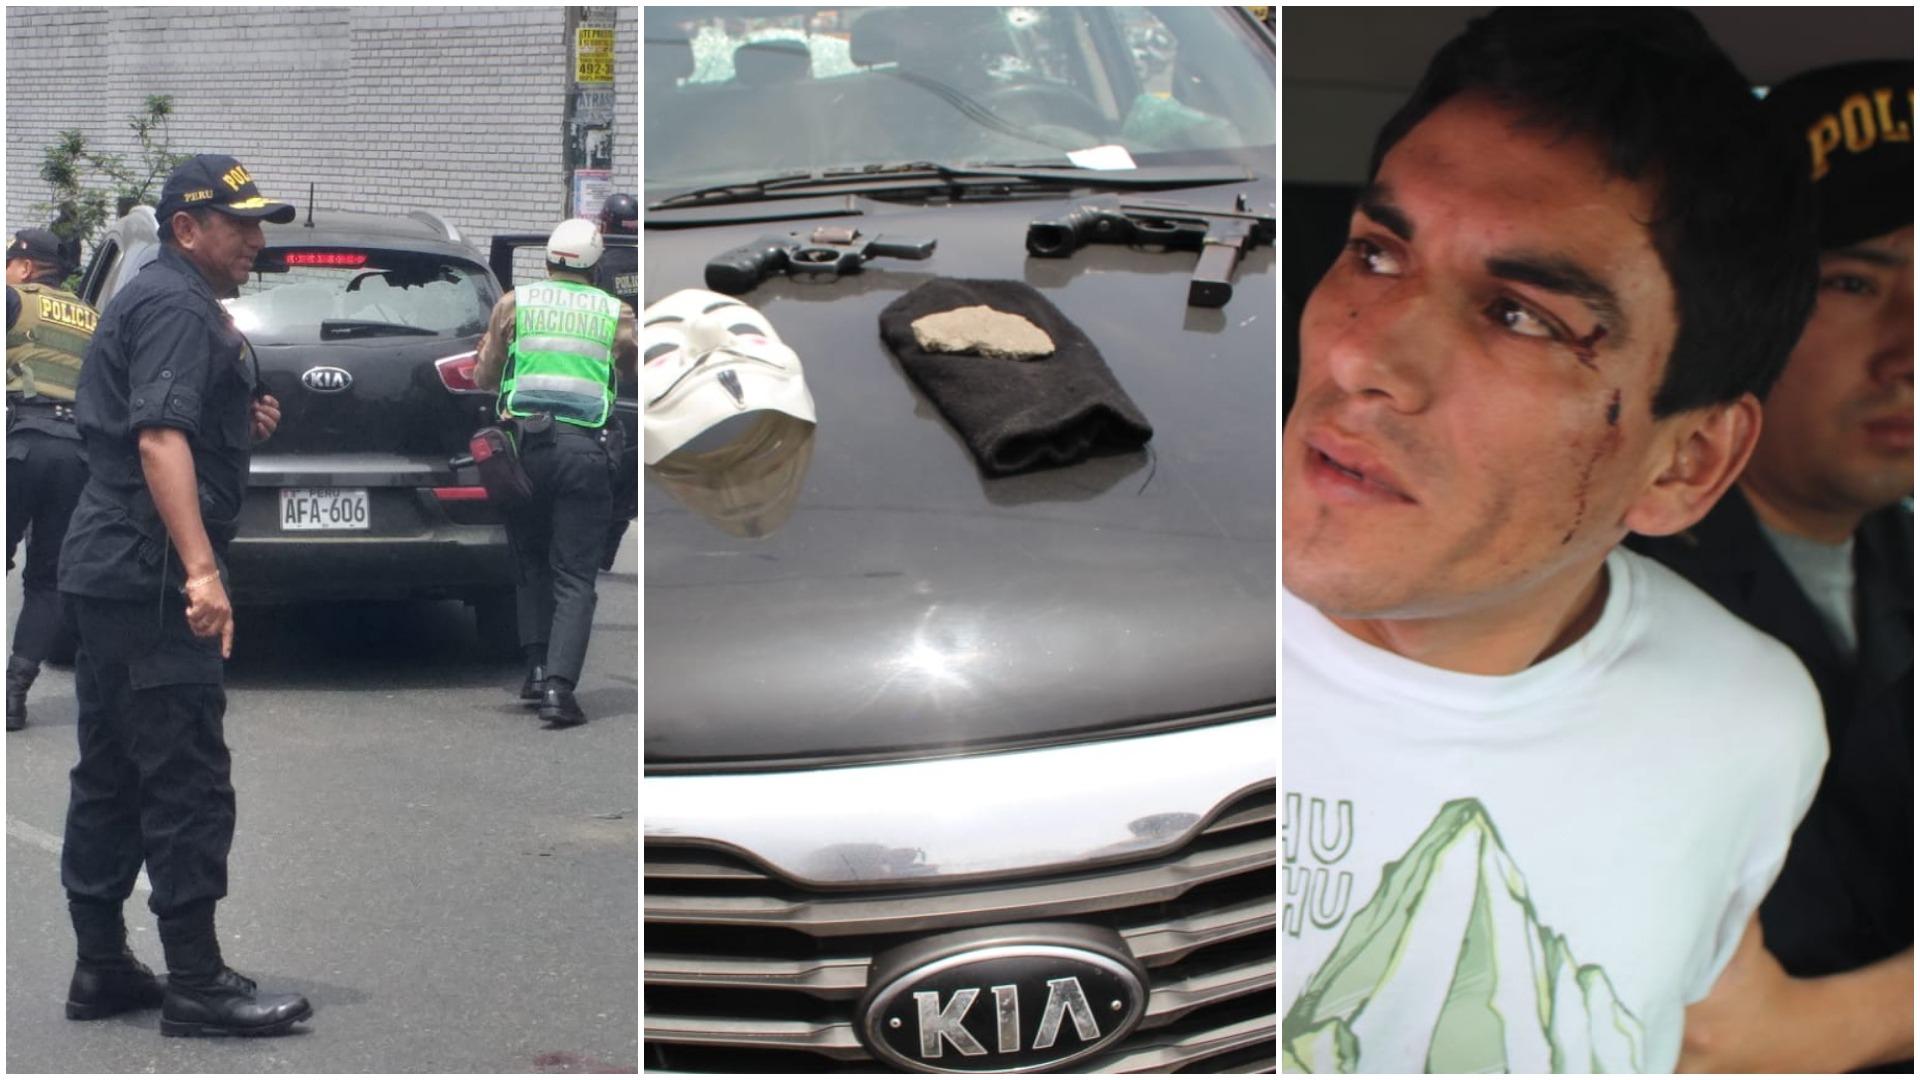 Al interior de la camioneta de los delincuentes se halló una ametralladora, un revólver, una pasamontañas y una máscara de Anonymous.